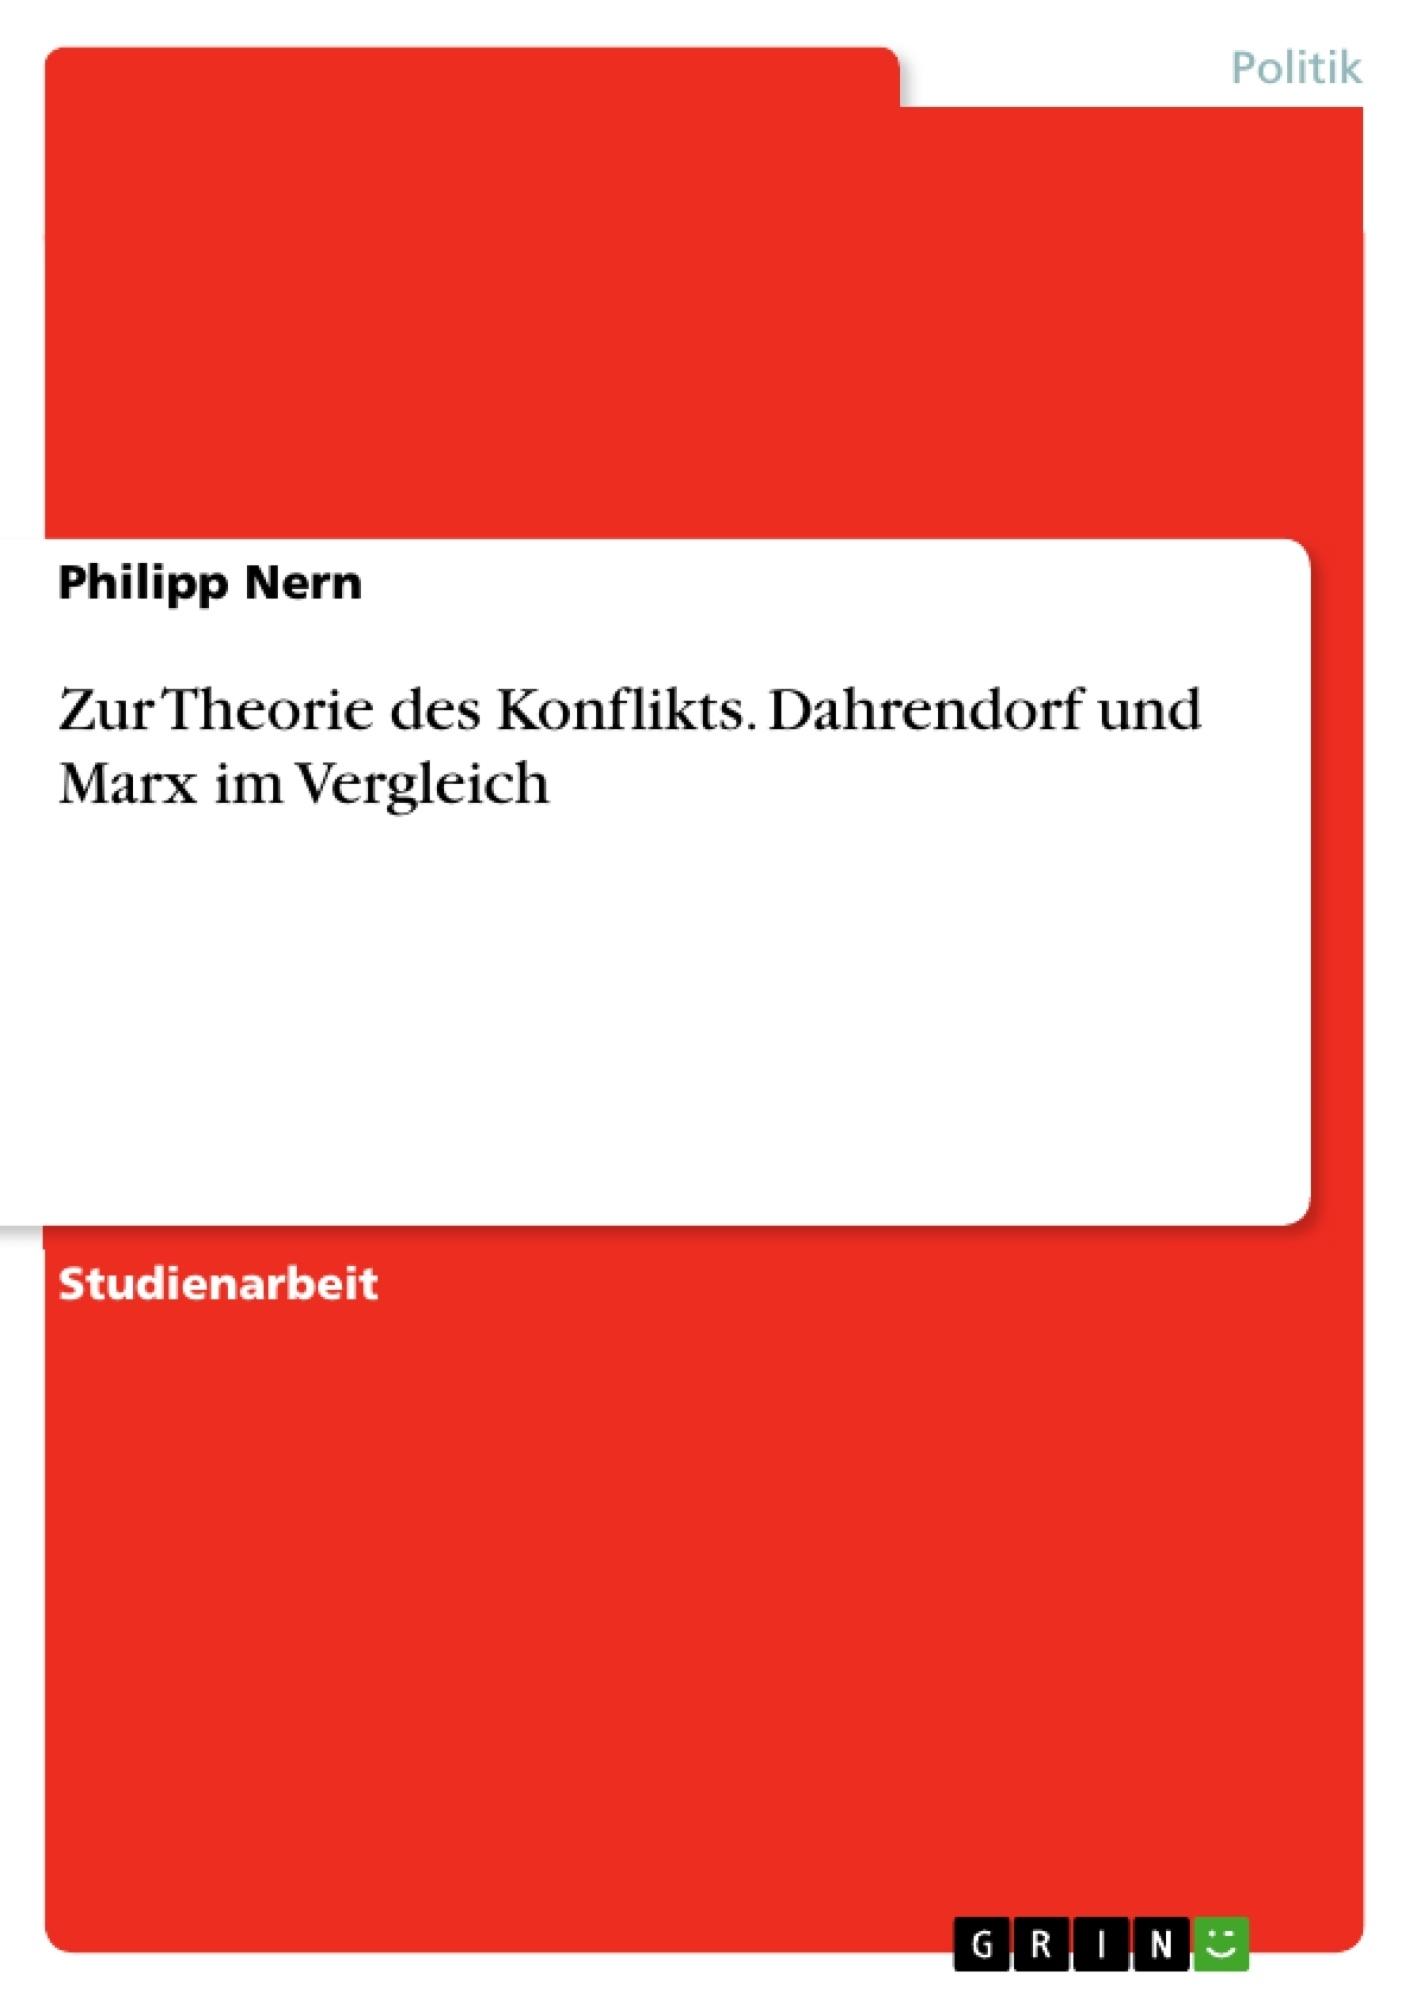 Titel: Zur Theorie des Konflikts. Dahrendorf und Marx im Vergleich